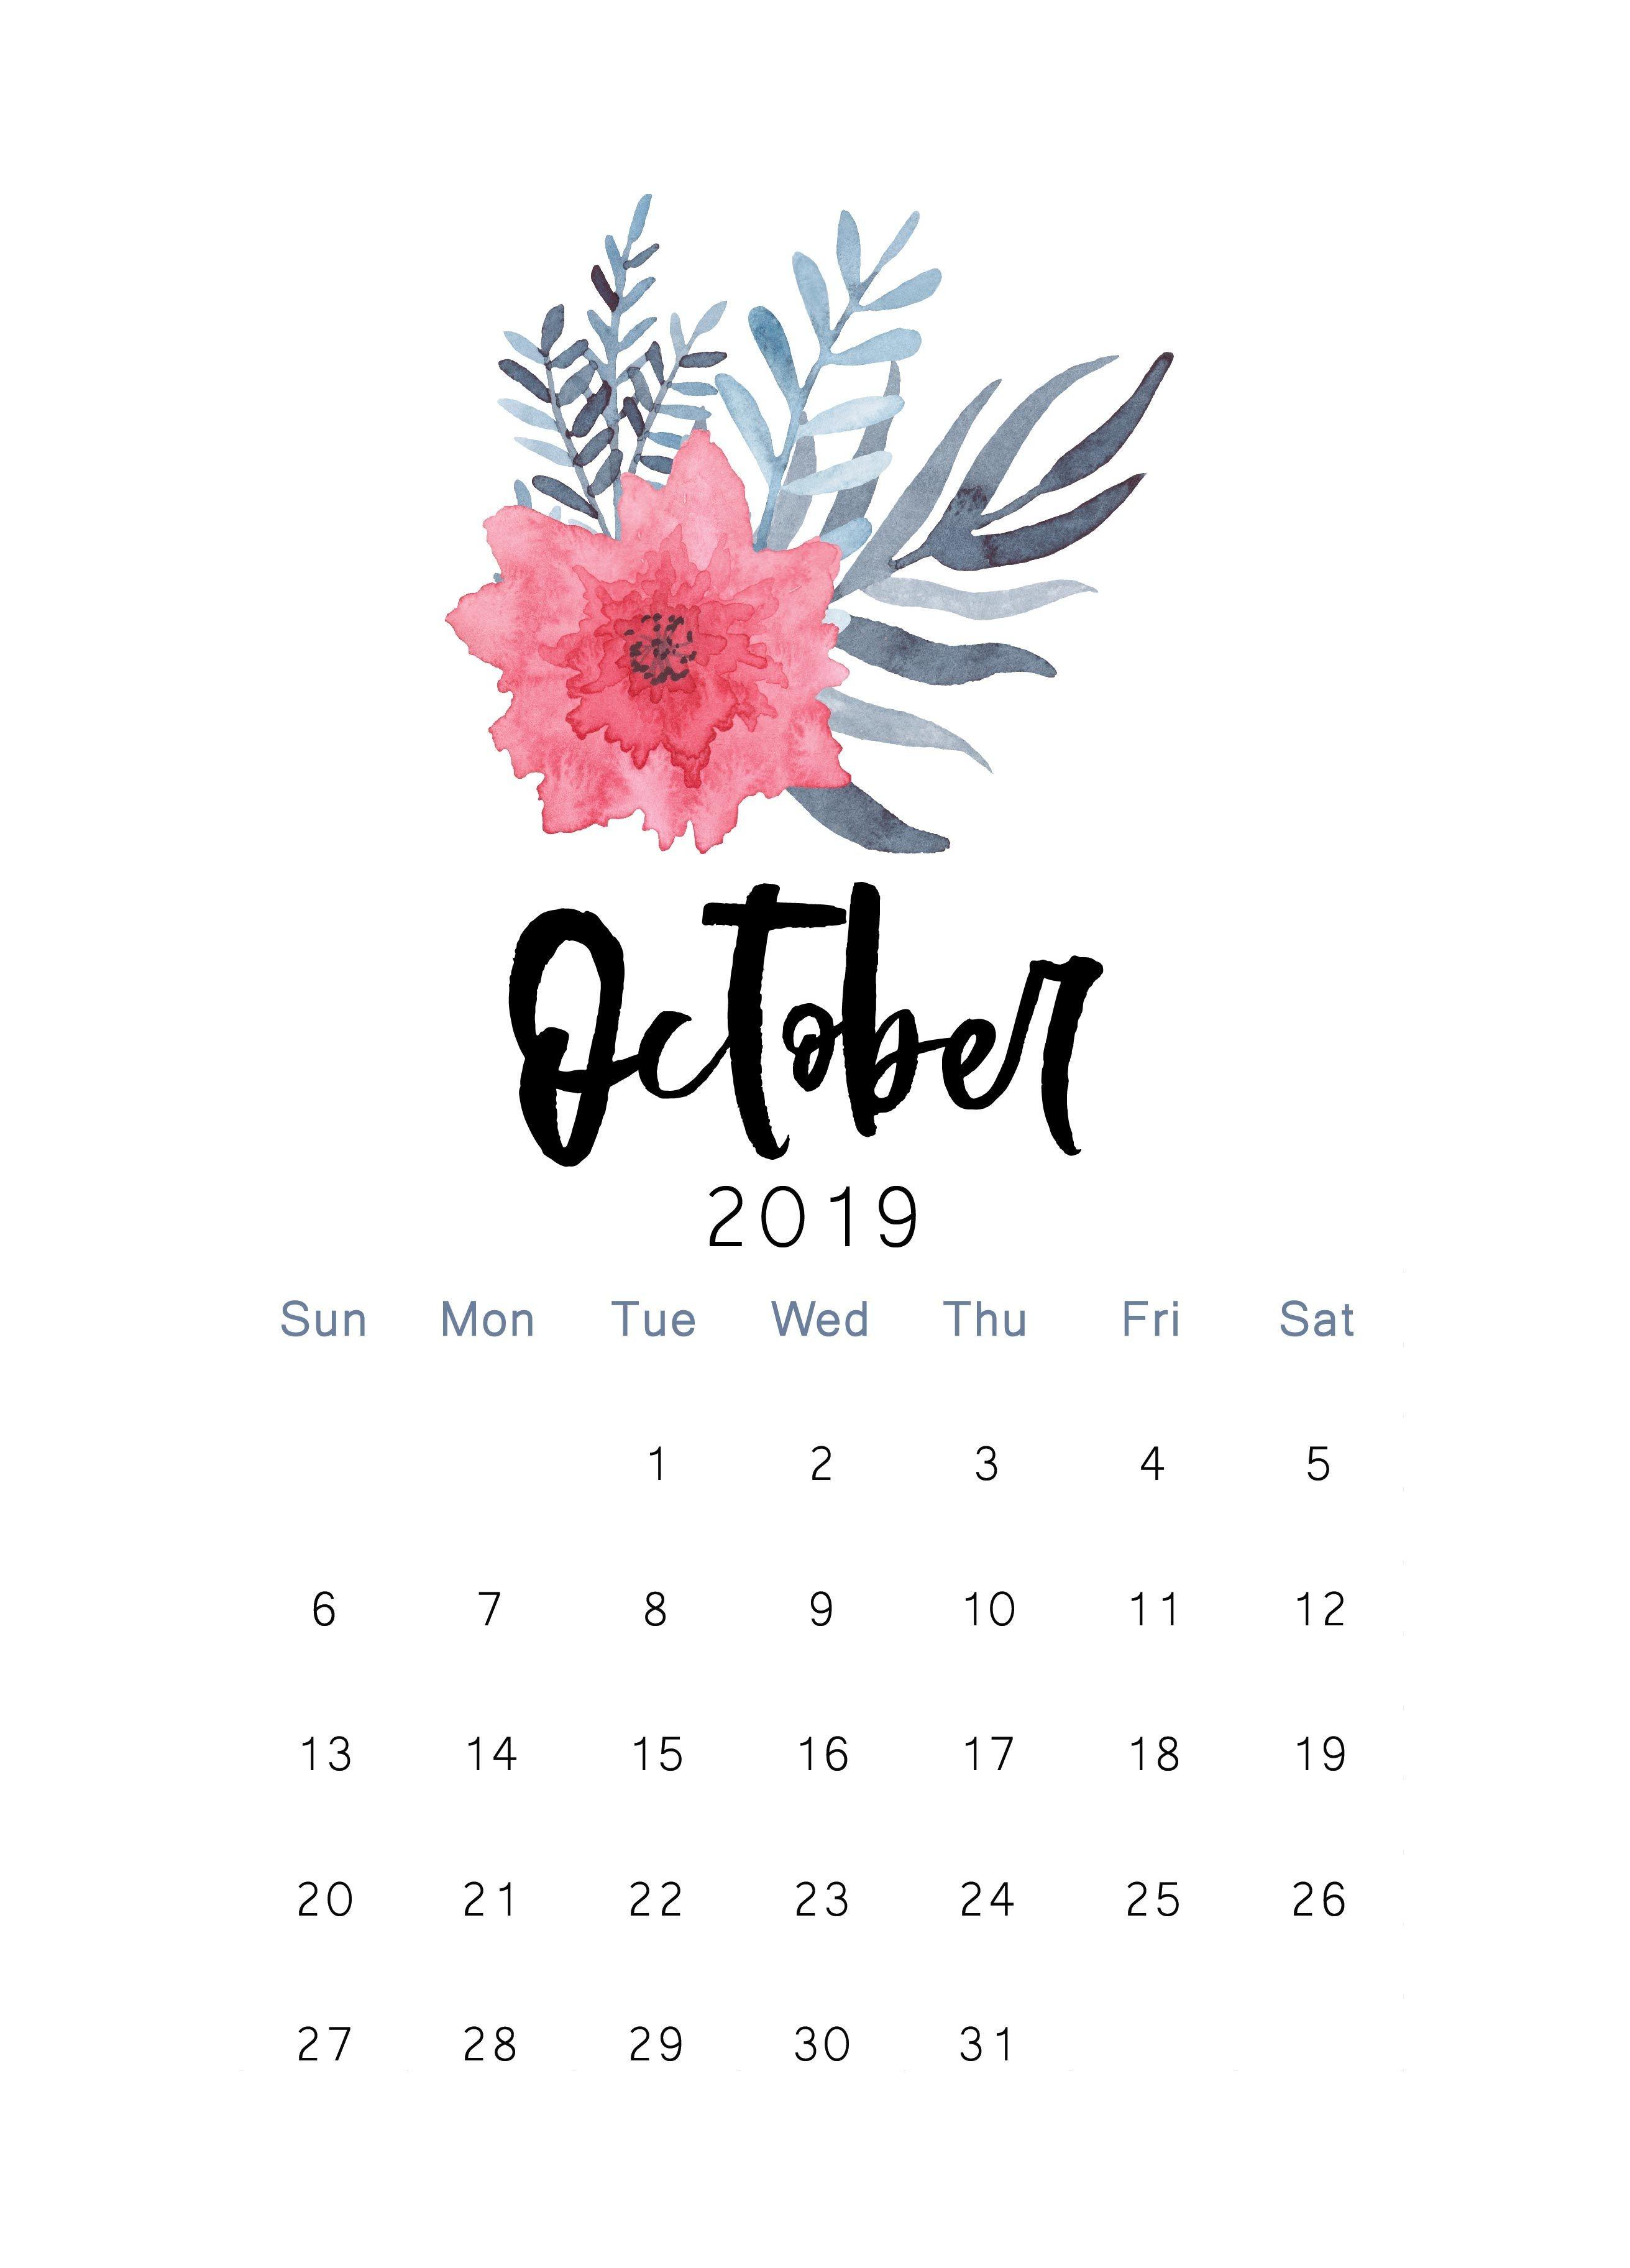 Calendario 2019 A 2020 Más Recientes Free 2019 Printable Calendar Of Calendario 2019 A 2020 Más Arriba-a-fecha Monthly School Calendar